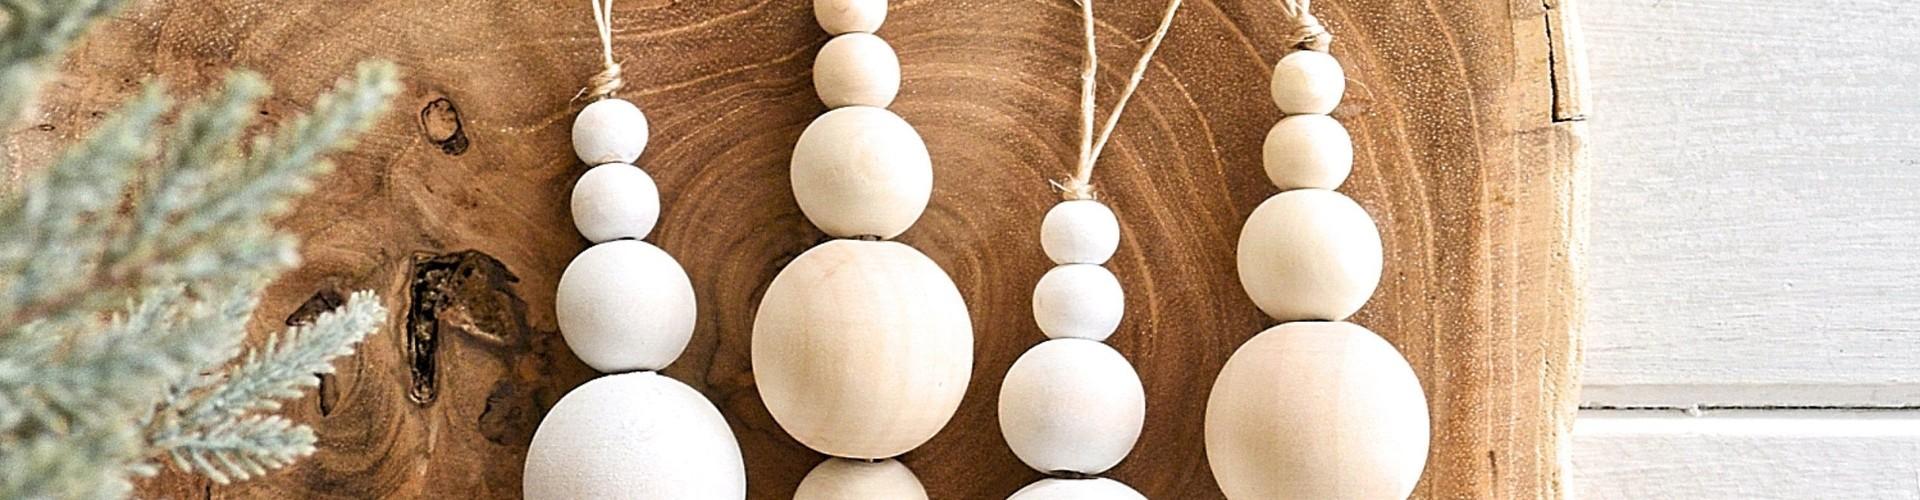 Kerstversiering trends zelf maken: Houten kralen ornament